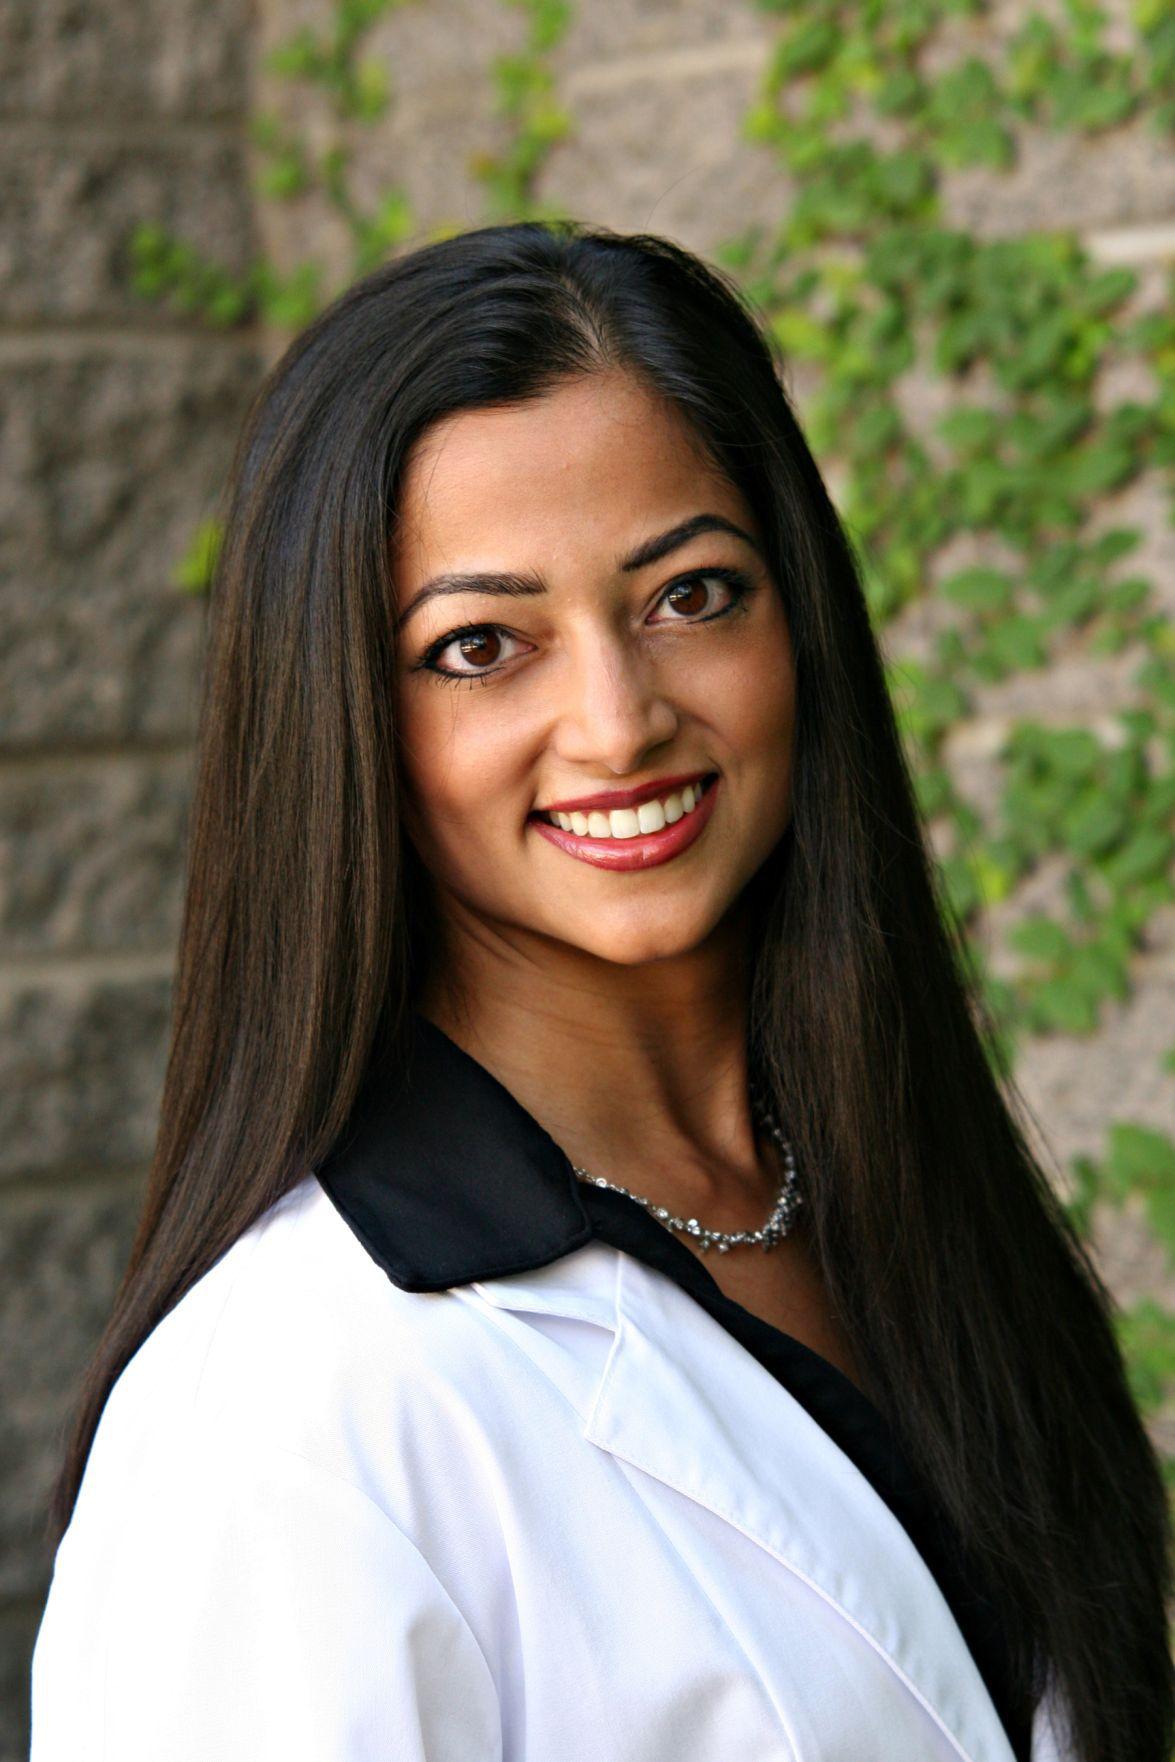 Dr. Rashmi Bhatnagar